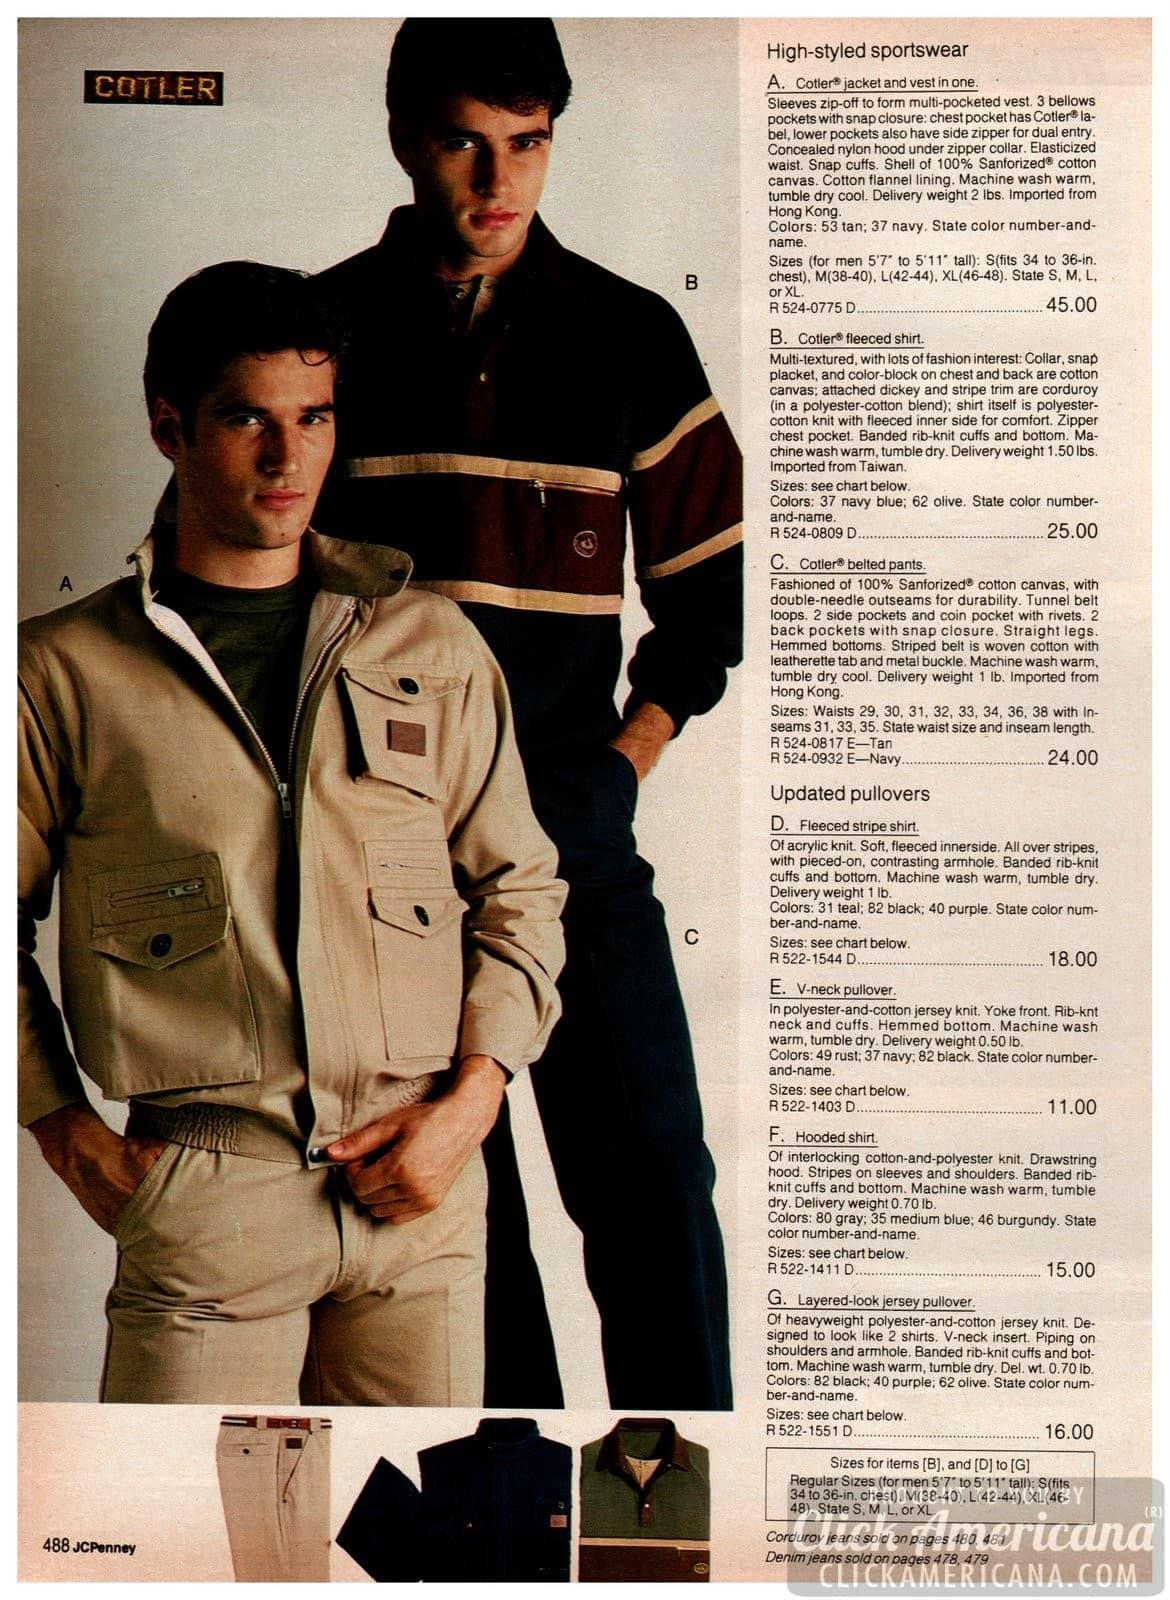 Stylish sportswear for men